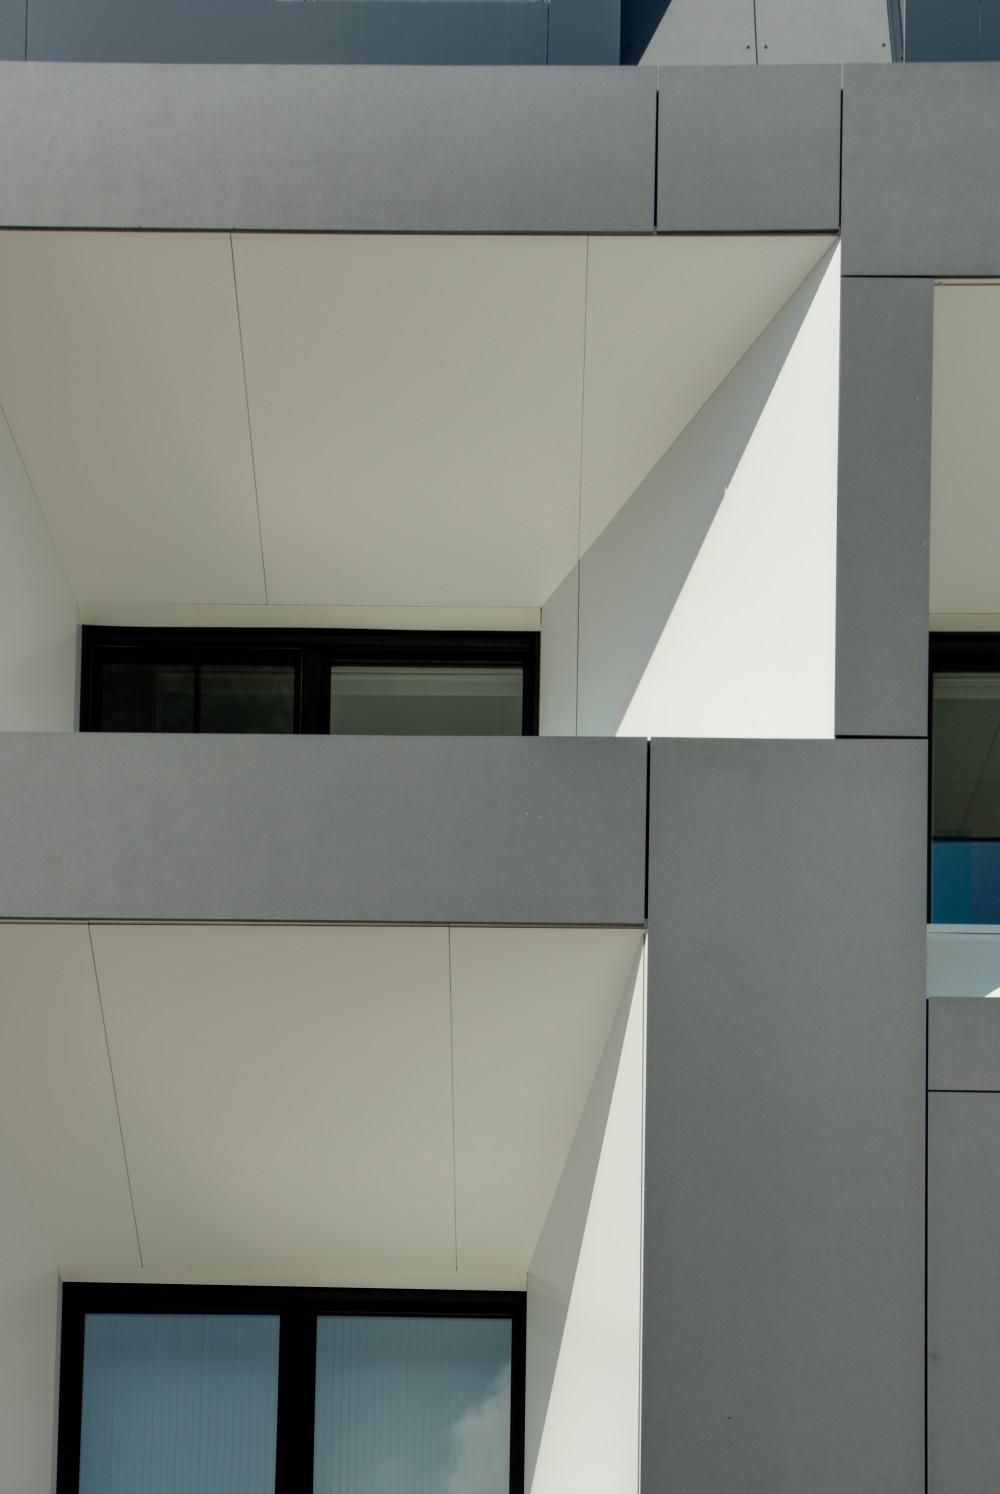 Abscis Architecten - Het daglicht weerkaatst op de witte glanzende aluminiumpanelen - fotografie Inge Claessens